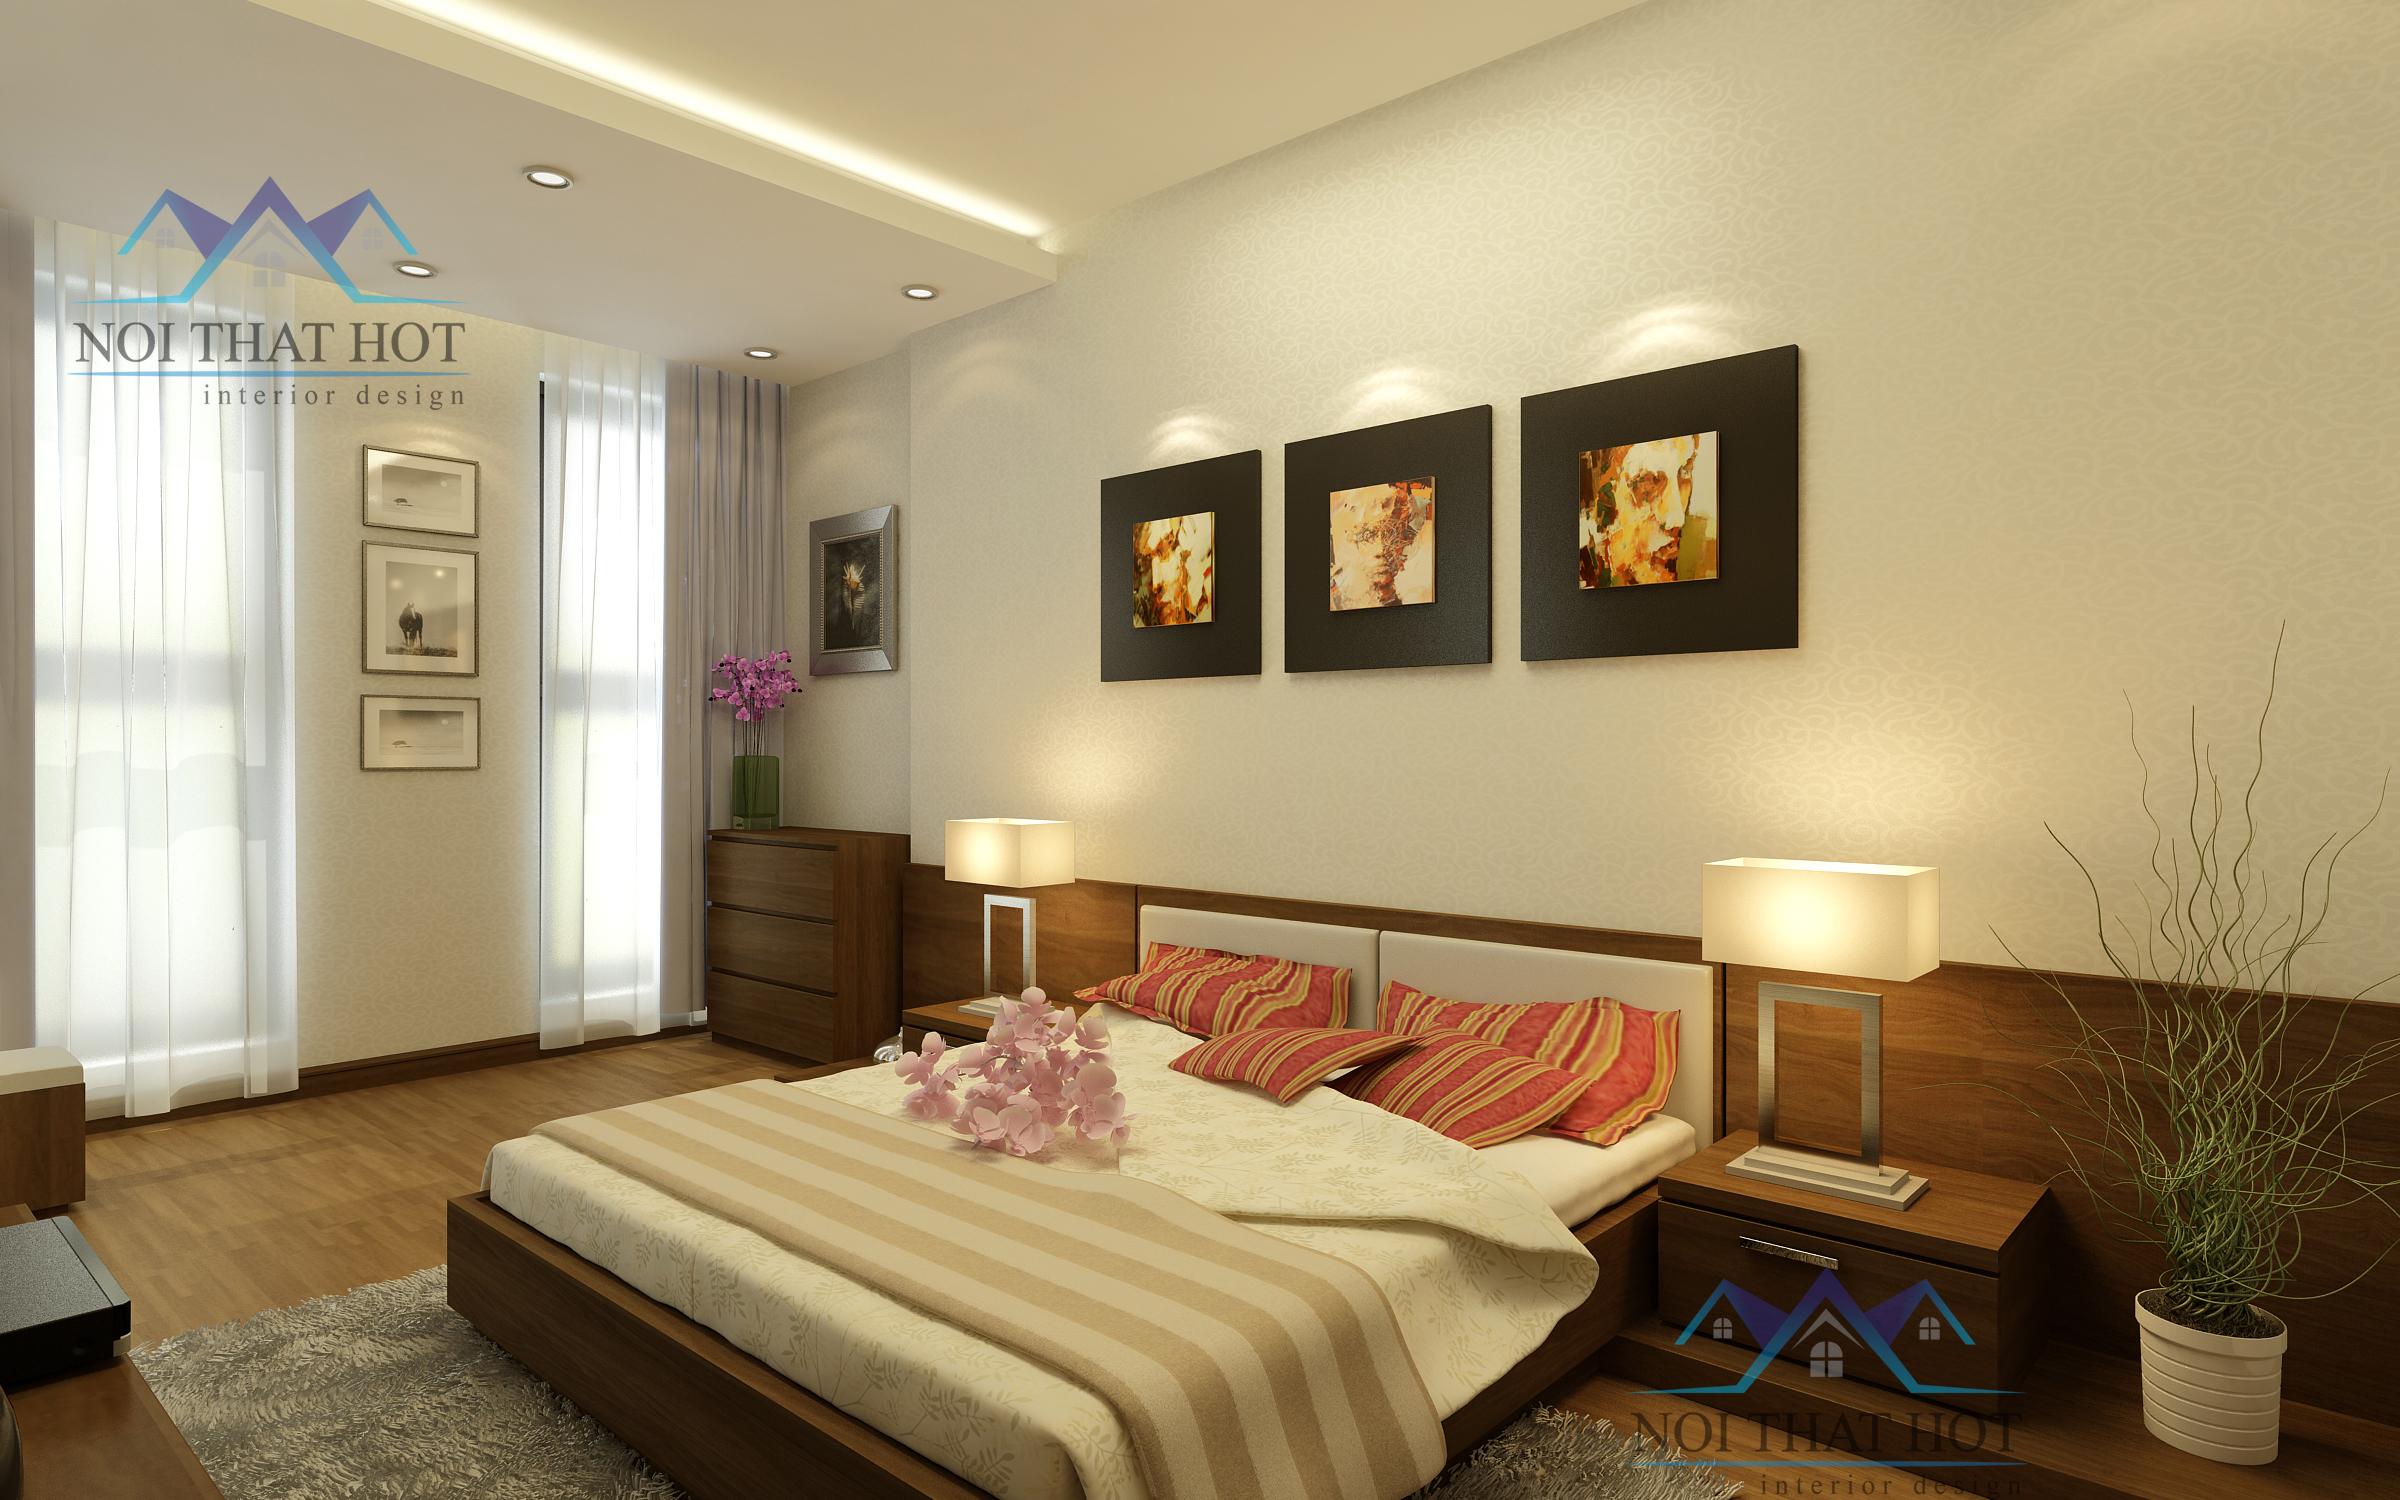 thiết kế nội thất chung cư chuyên nghiệp thiết kế phòng ngủ đẹp